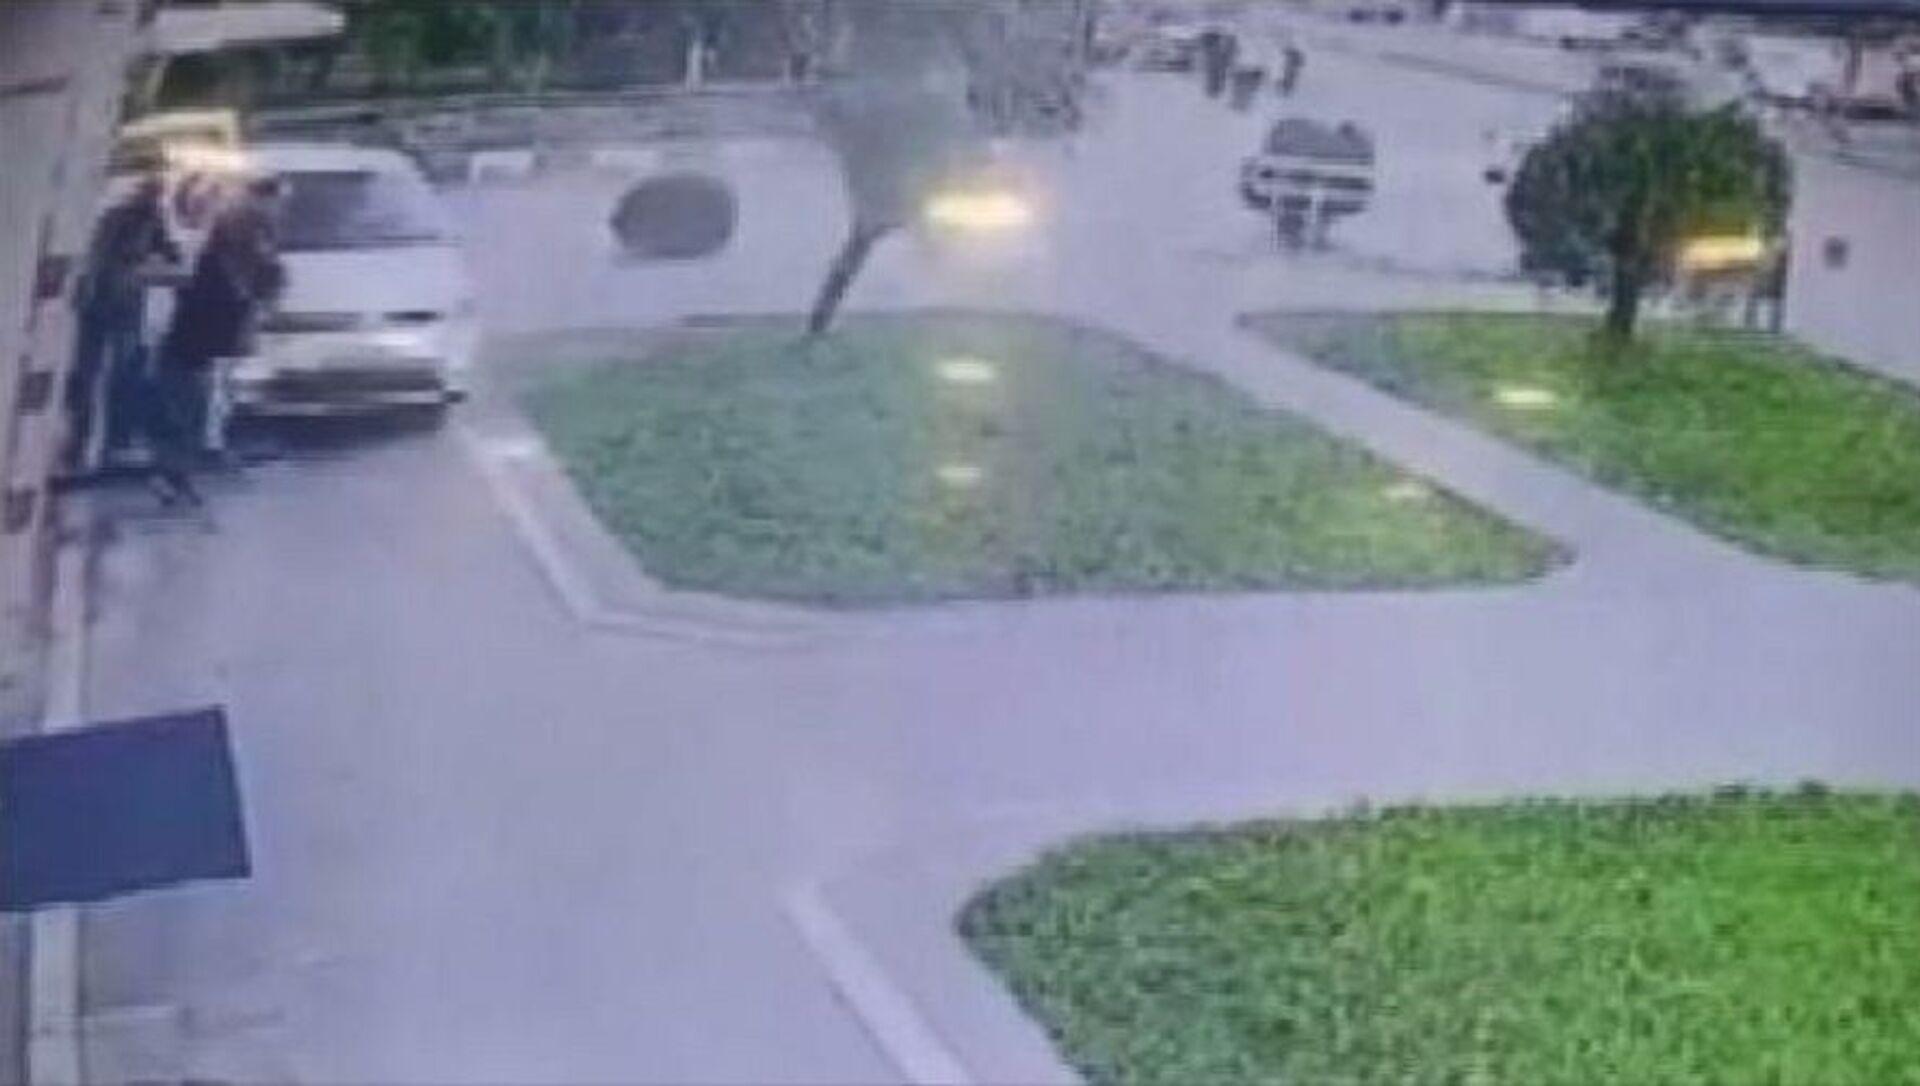 ATM'de işlem yapan 3 kişinin otomobil altında kalmaktan kurtulma anı - Sputnik Türkiye, 1920, 27.07.2021